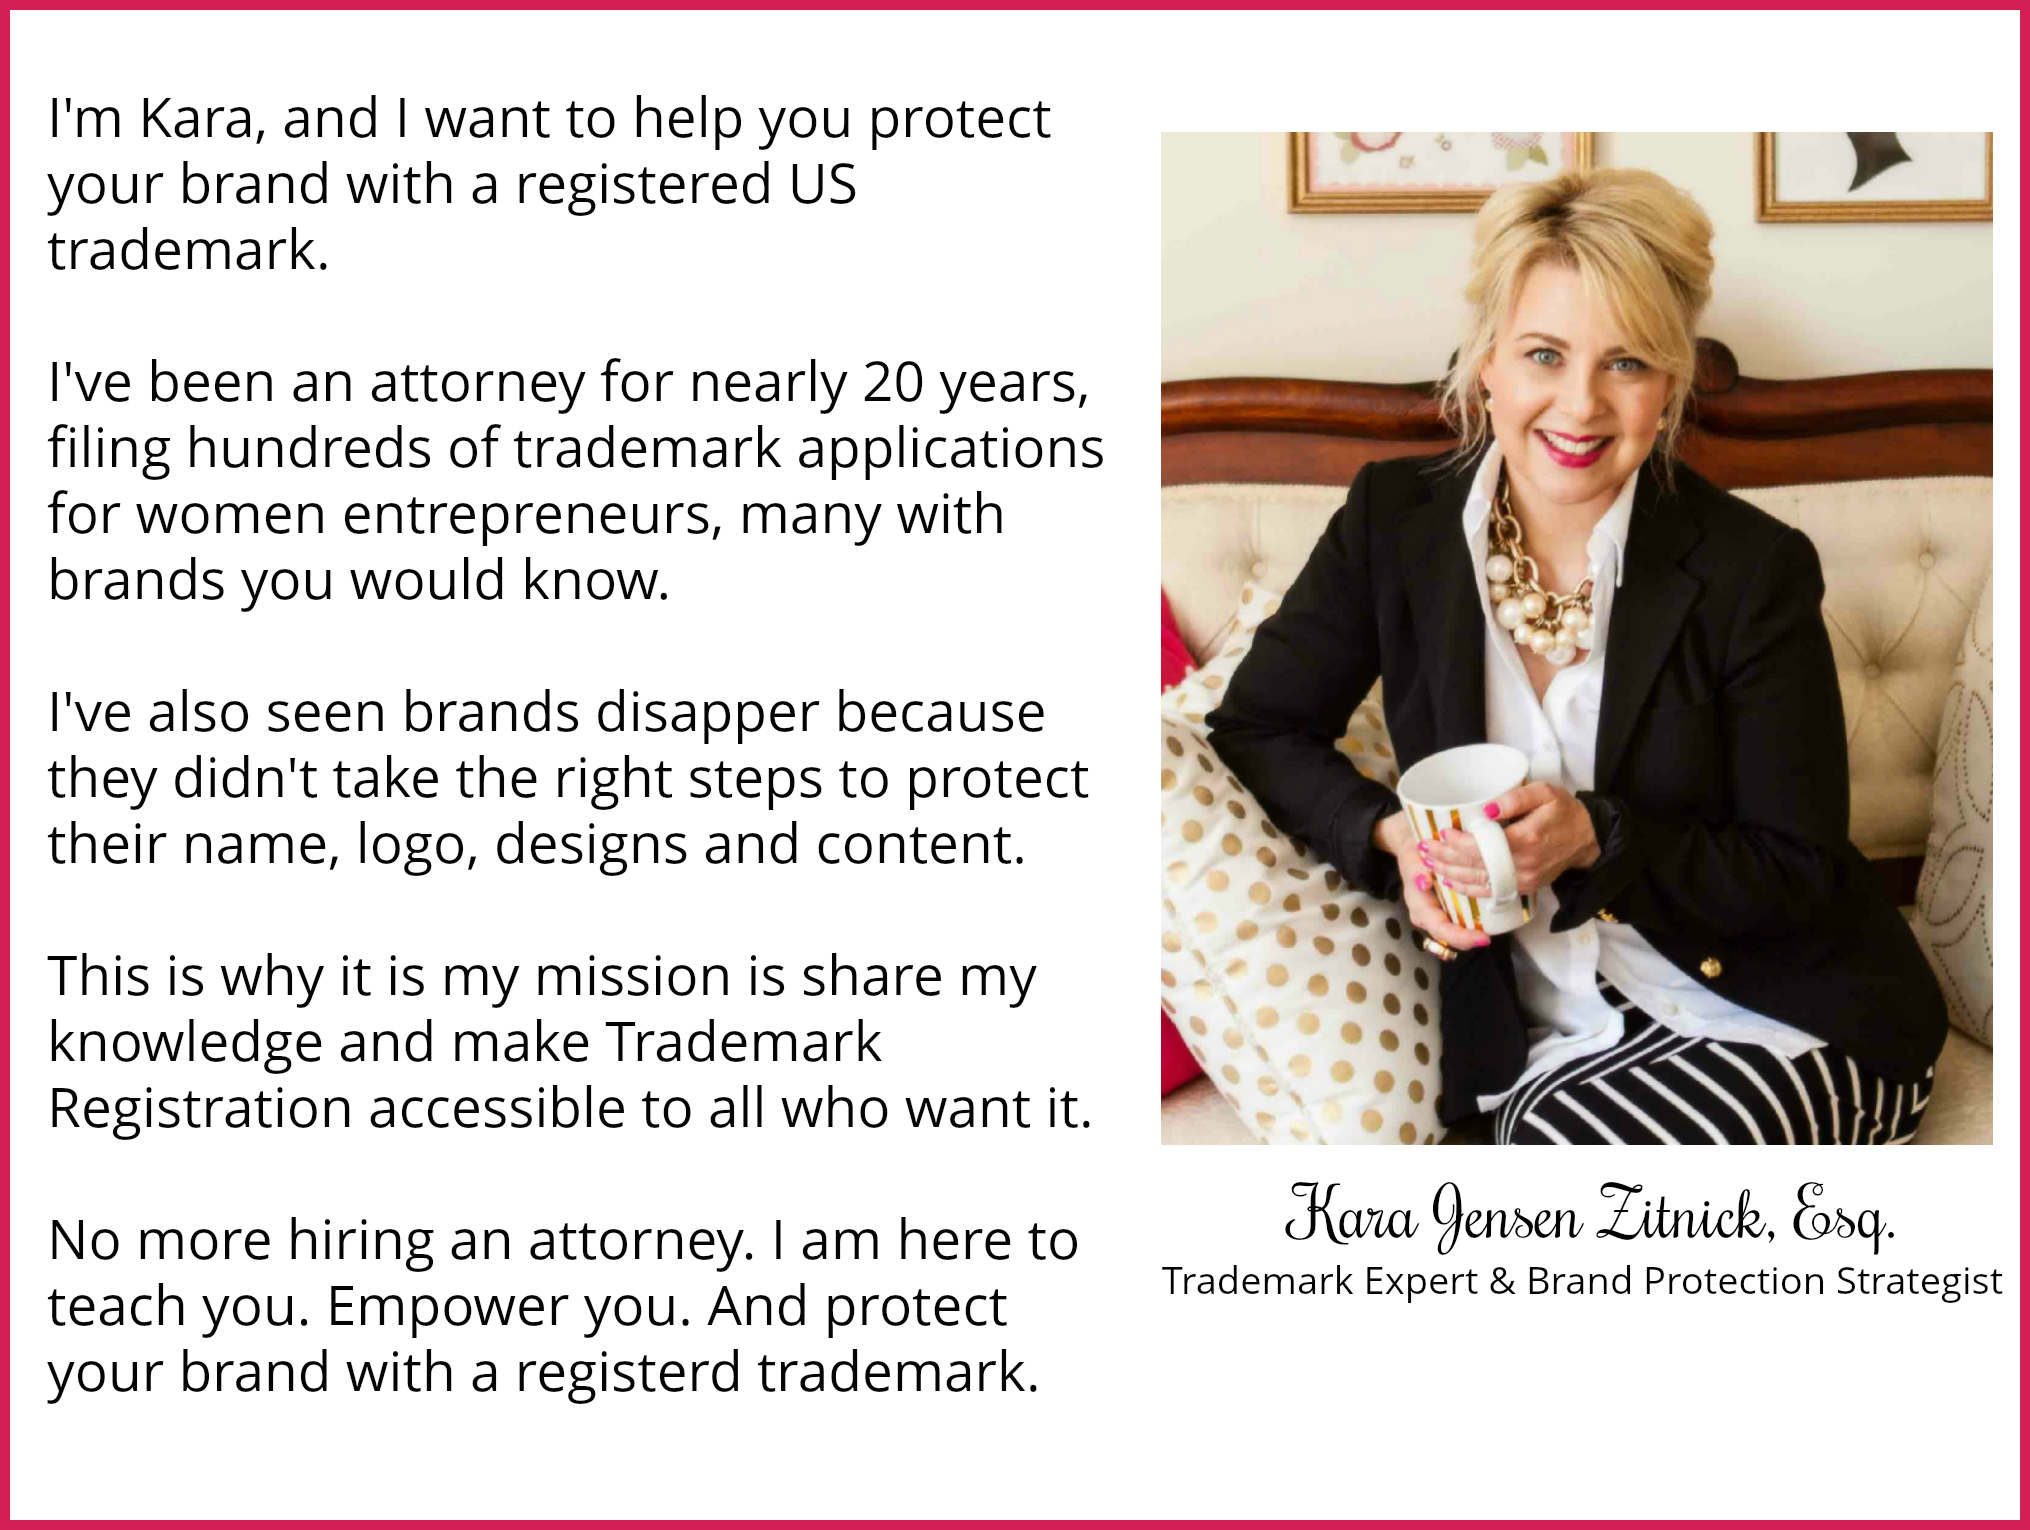 Trademarks Simplified About Kara Jensen Zitnick